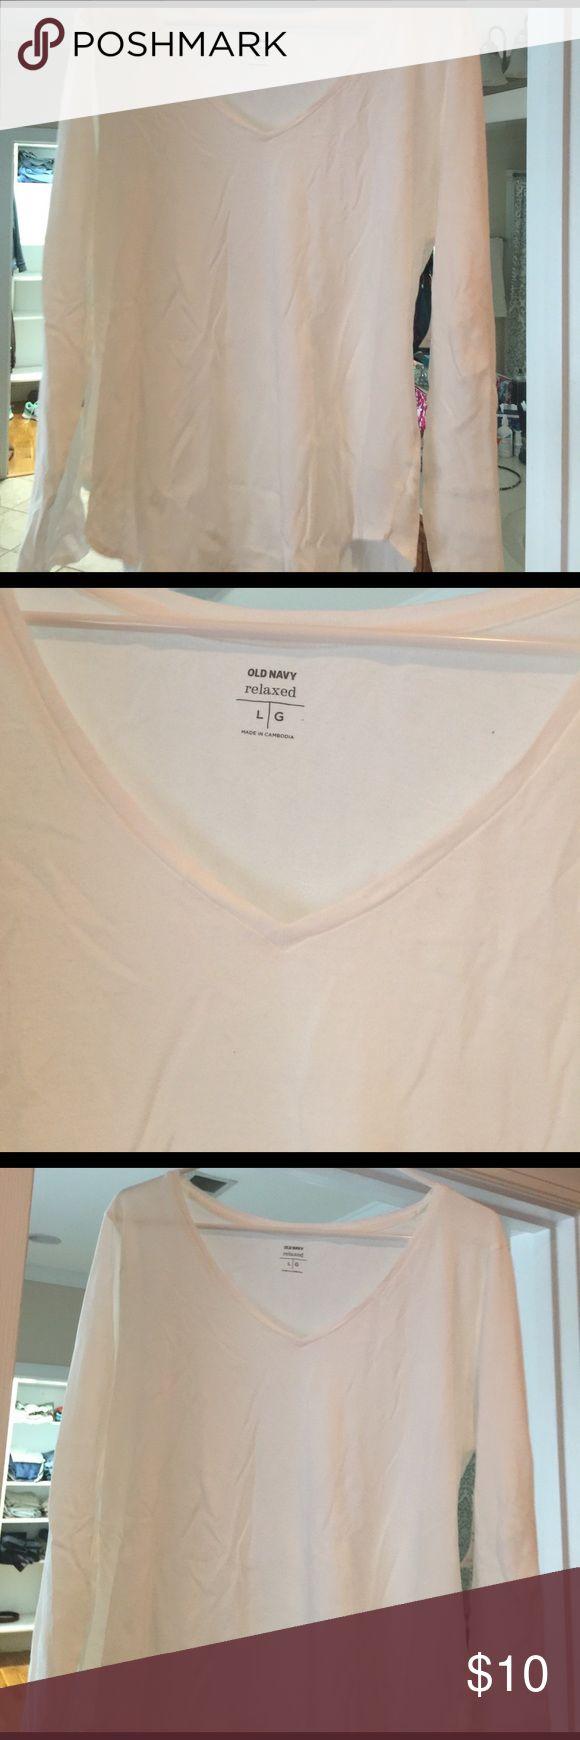 Black t shirt old navy - White T Shirt V Neck Old Navy Size Large New White V Neck